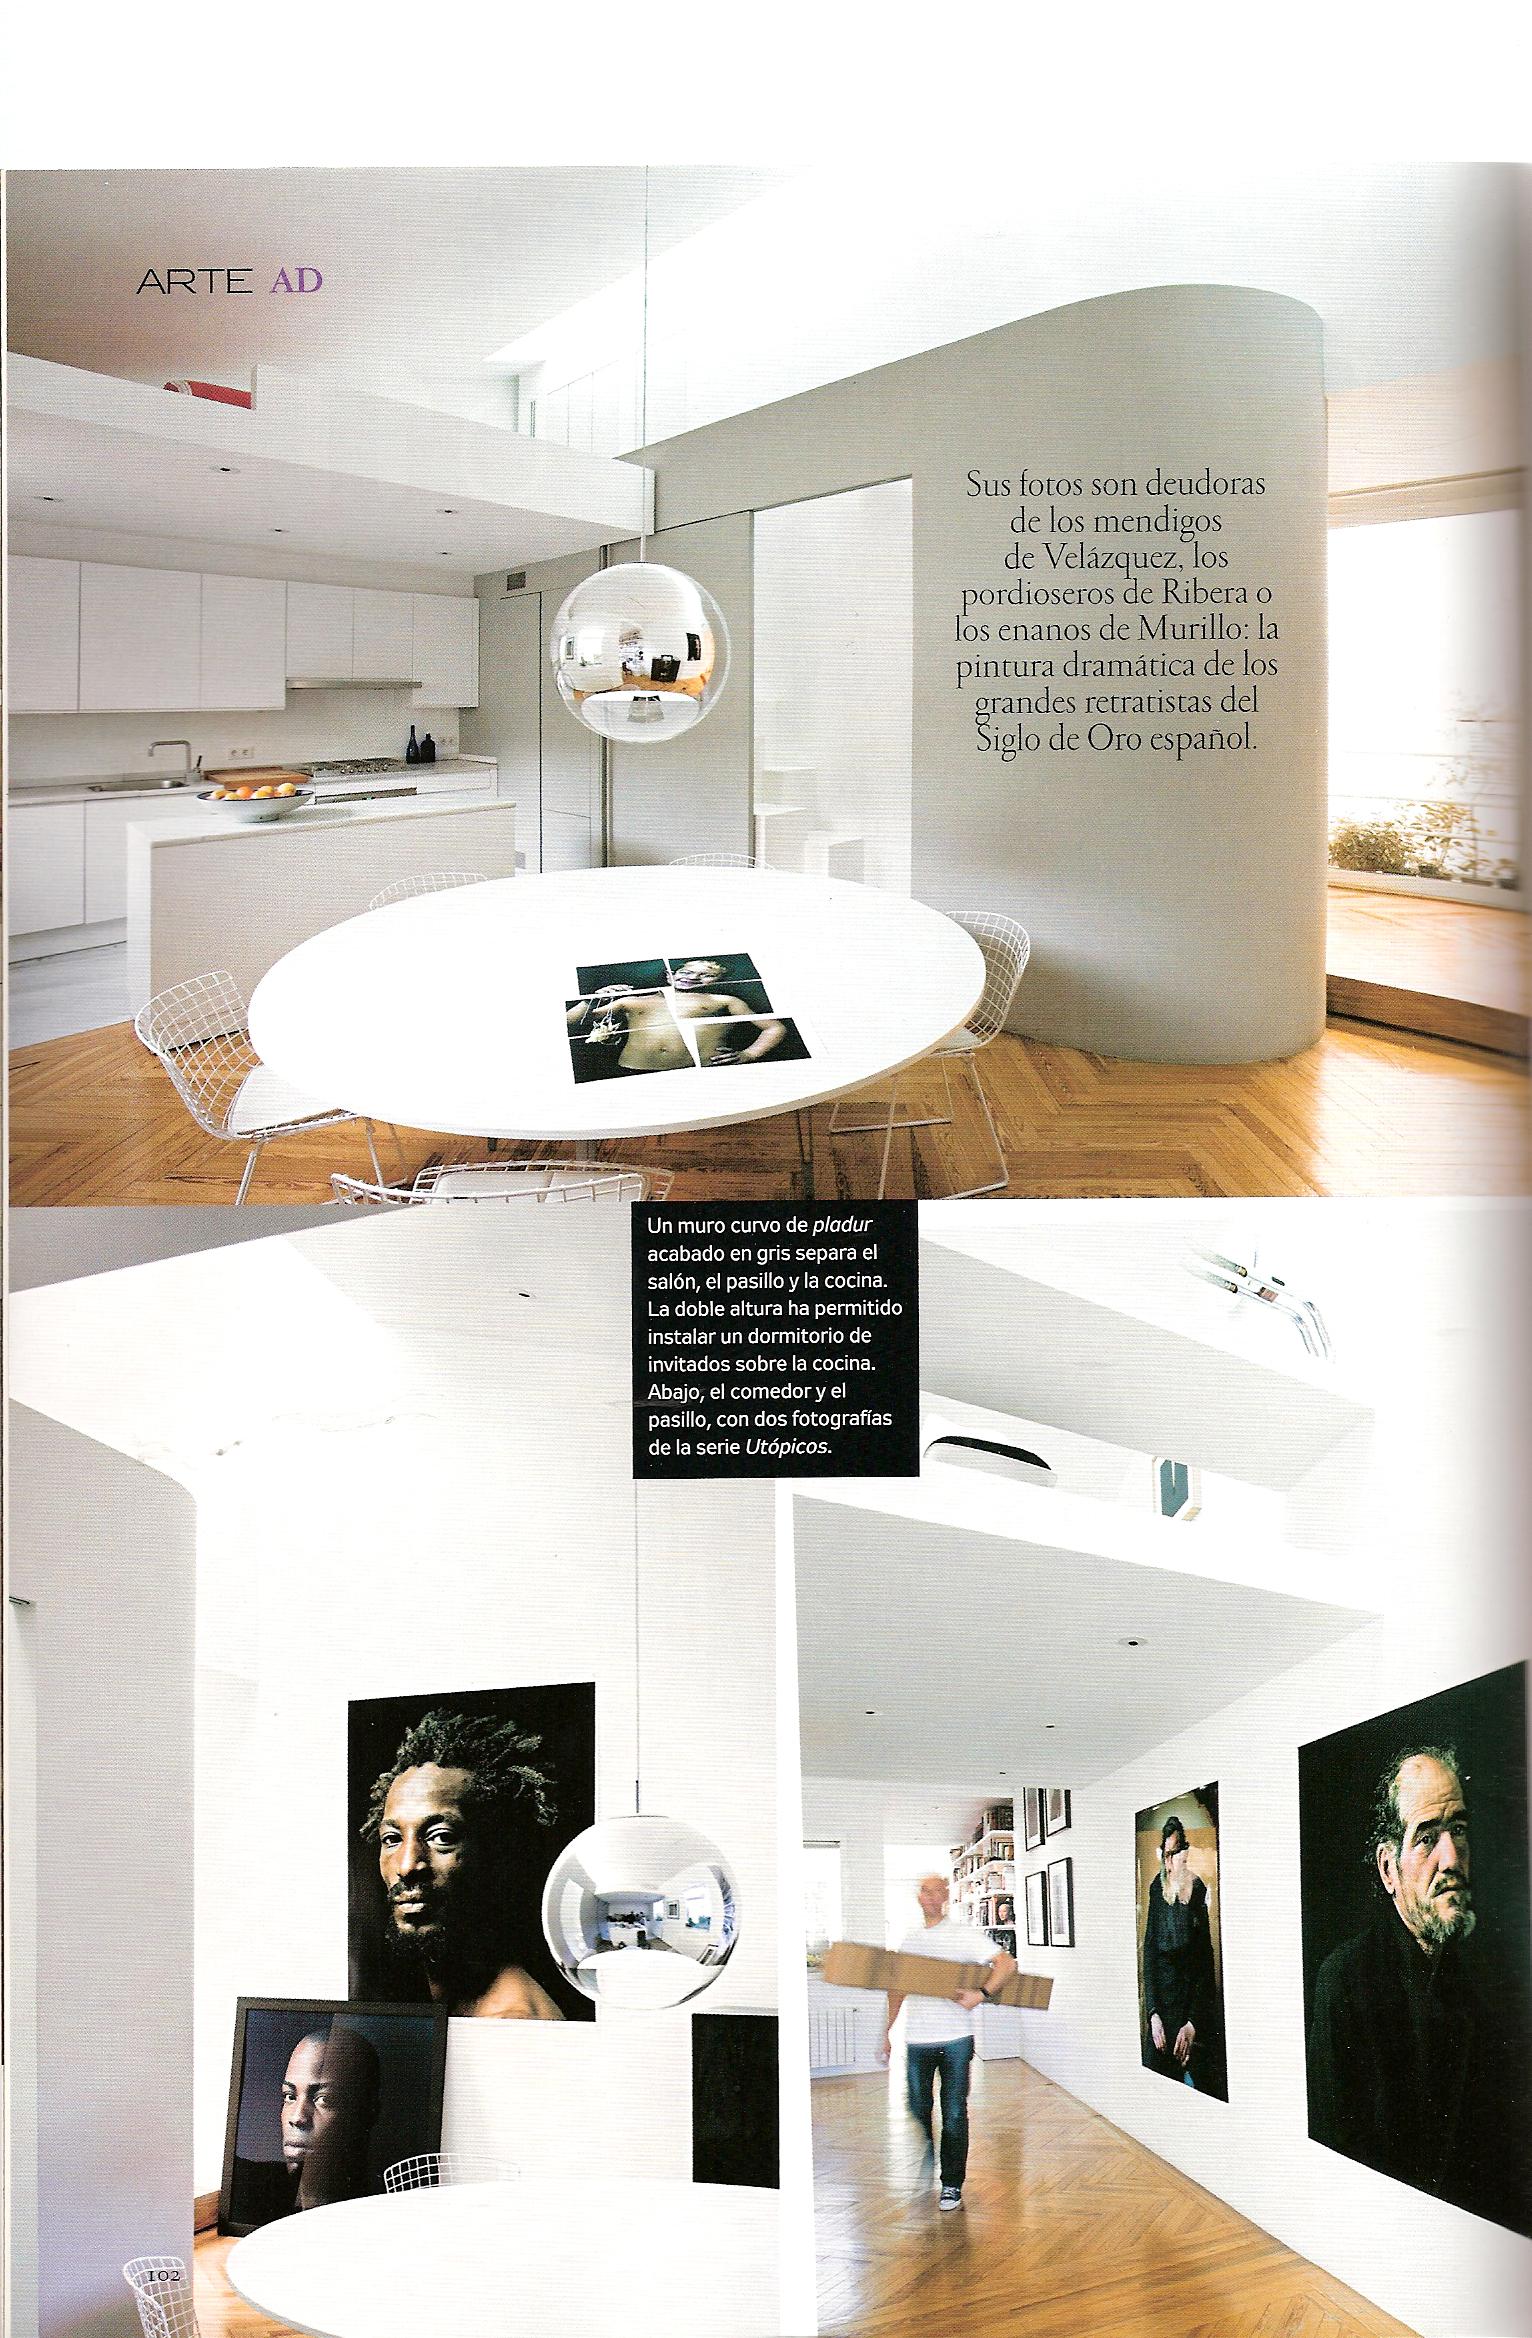 ad-junio-2007-pagina-3